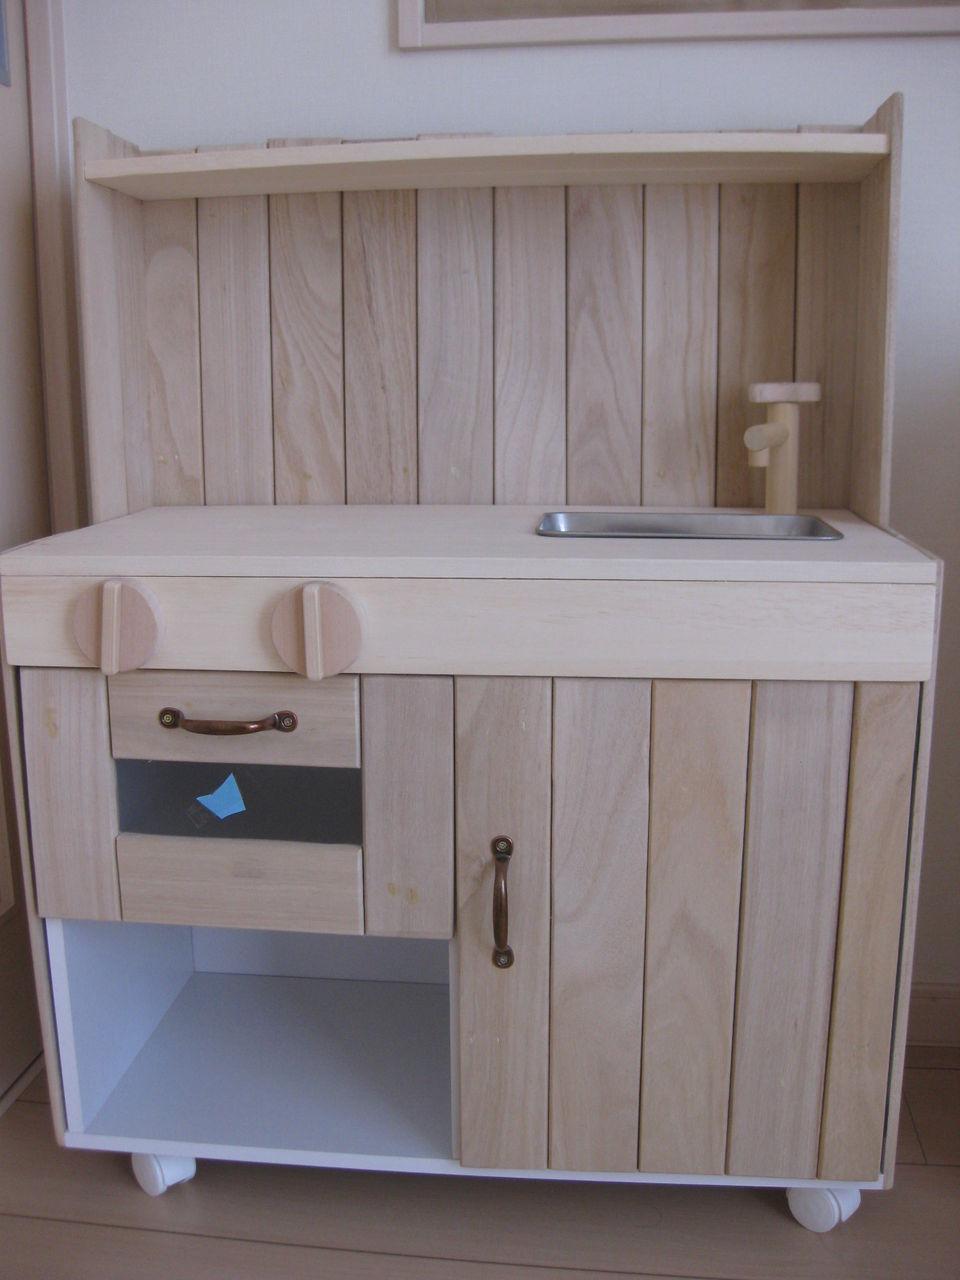 キッチン ままごとキッチン カラーボックス : ままごとキッチンの手作り実例 ...